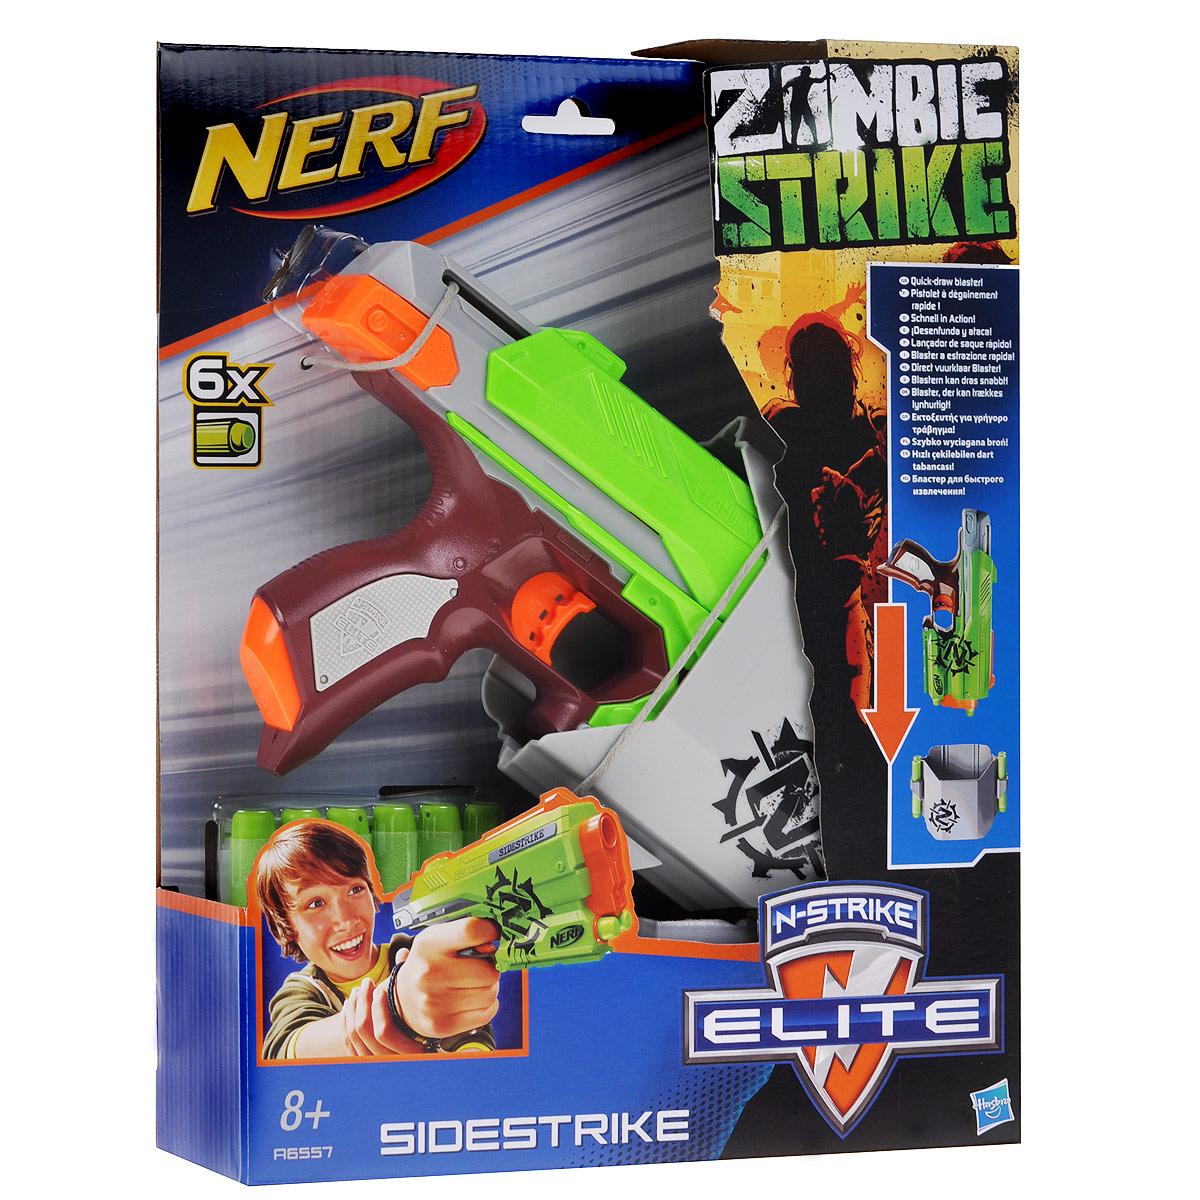 """Бластер Nerf """"Зомби Сайдстрайк"""" позволит вашему ребенку почувствовать себя во всеоружии! Выполненный из яркого безопасного пластика, он представляет собой стильный бластер, стреляющий на расстояние до 22 метров. Для того, что выстрелить, необходимо нажать на курок. В комплект входят шесть мягких стрел серии Элит/Зомби и кобура для крепления к поясу. Игра с бластером """"Зомби Сайдстрайк"""" поможет ребенку в развитии меткости, ловкости, координации движений и сноровки."""